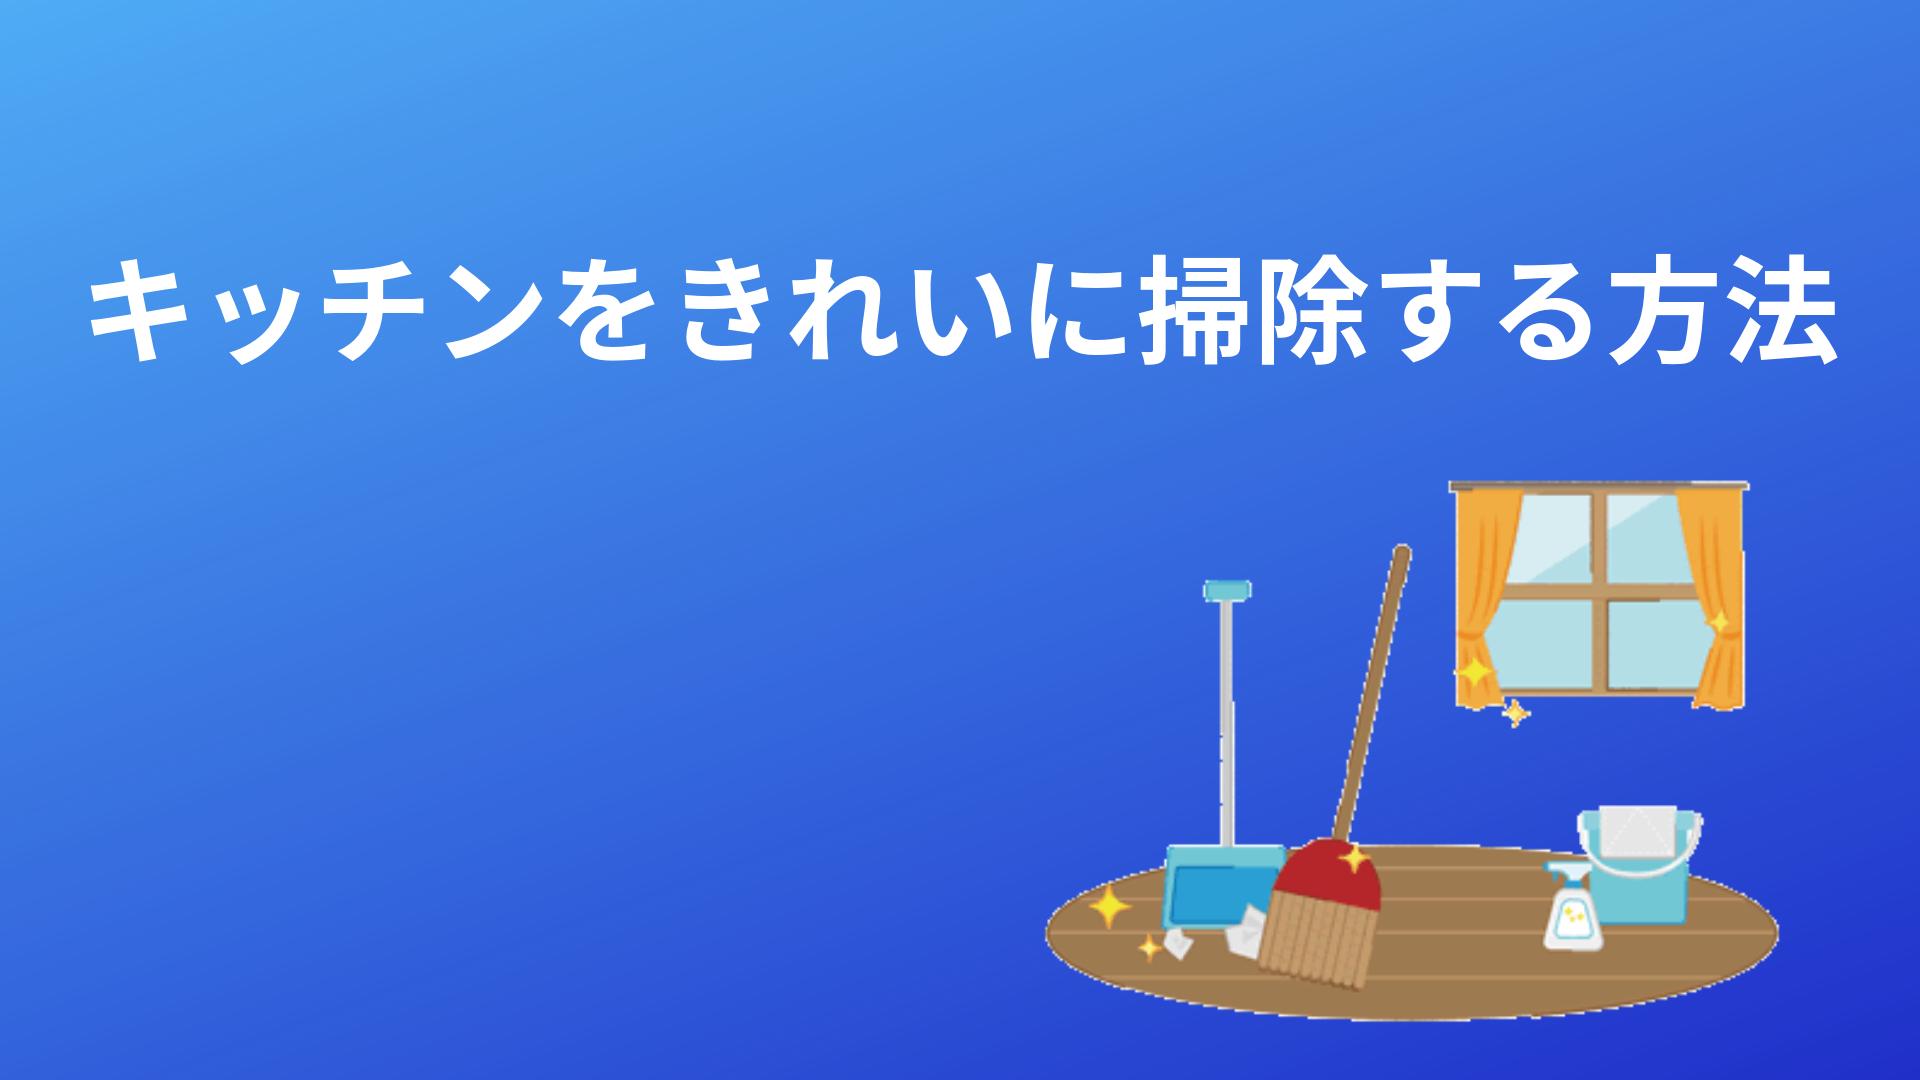 キッチンをきれいに掃除する方法